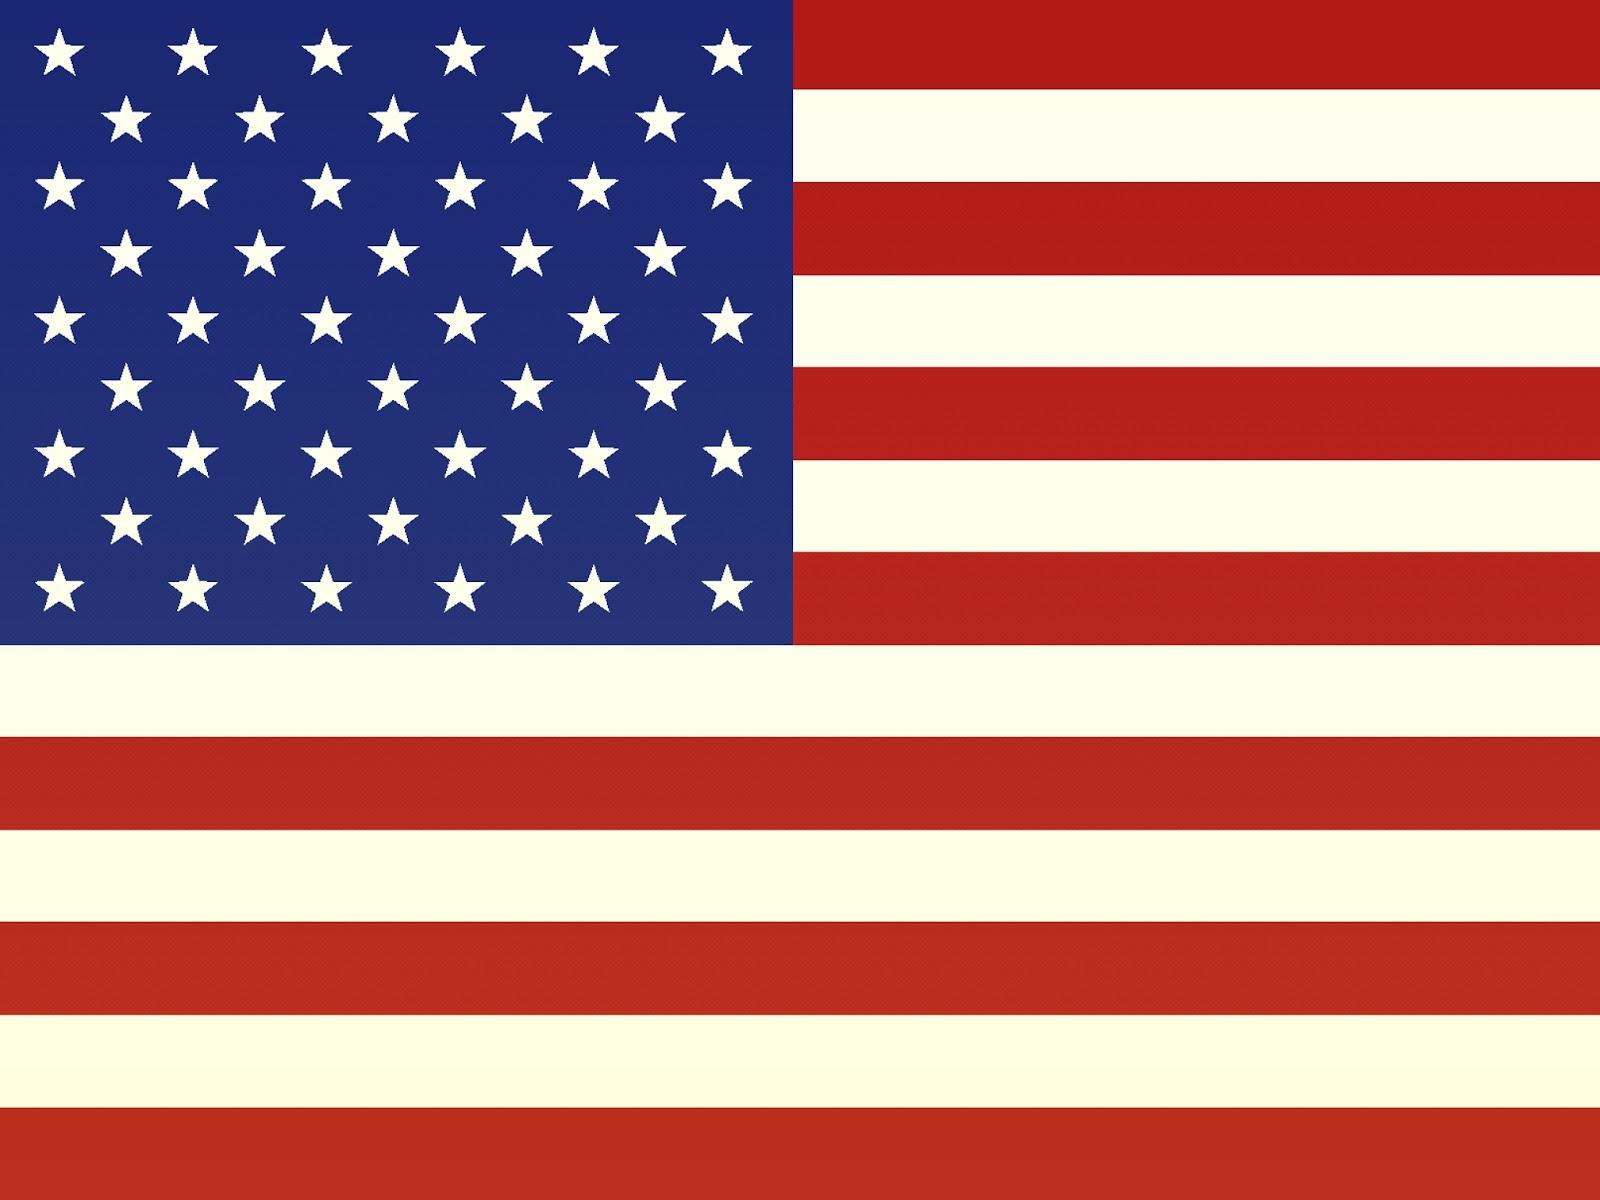 http://2.bp.blogspot.com/-7VNO2tOEwvg/T2WwbVfpRyI/AAAAAAAACM4/TPxB5kesXlw/s1600/American-Flag-2048x1536-iPad-wallpaper.jpg